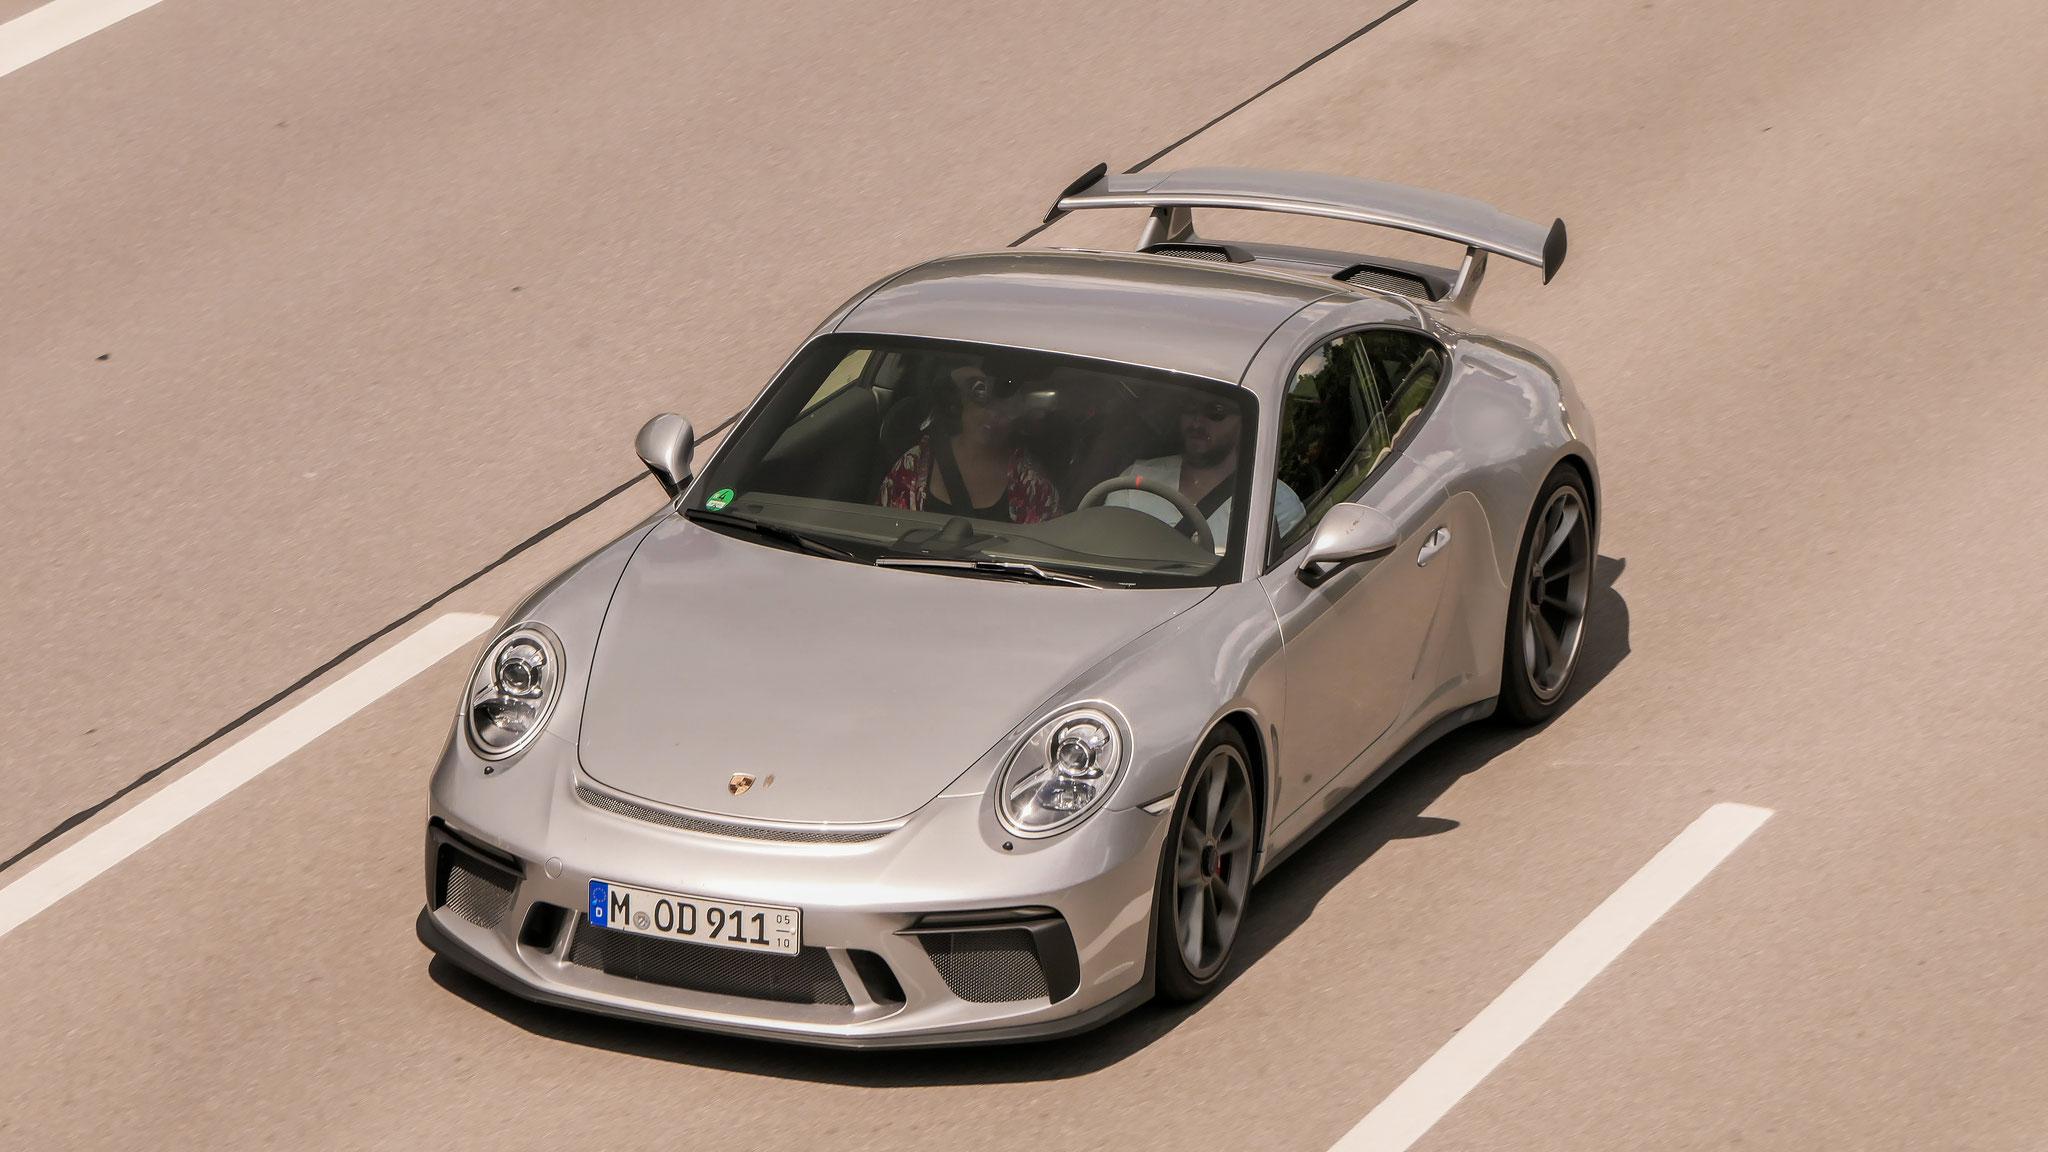 Porsche 991 GT3 - M-OD-911